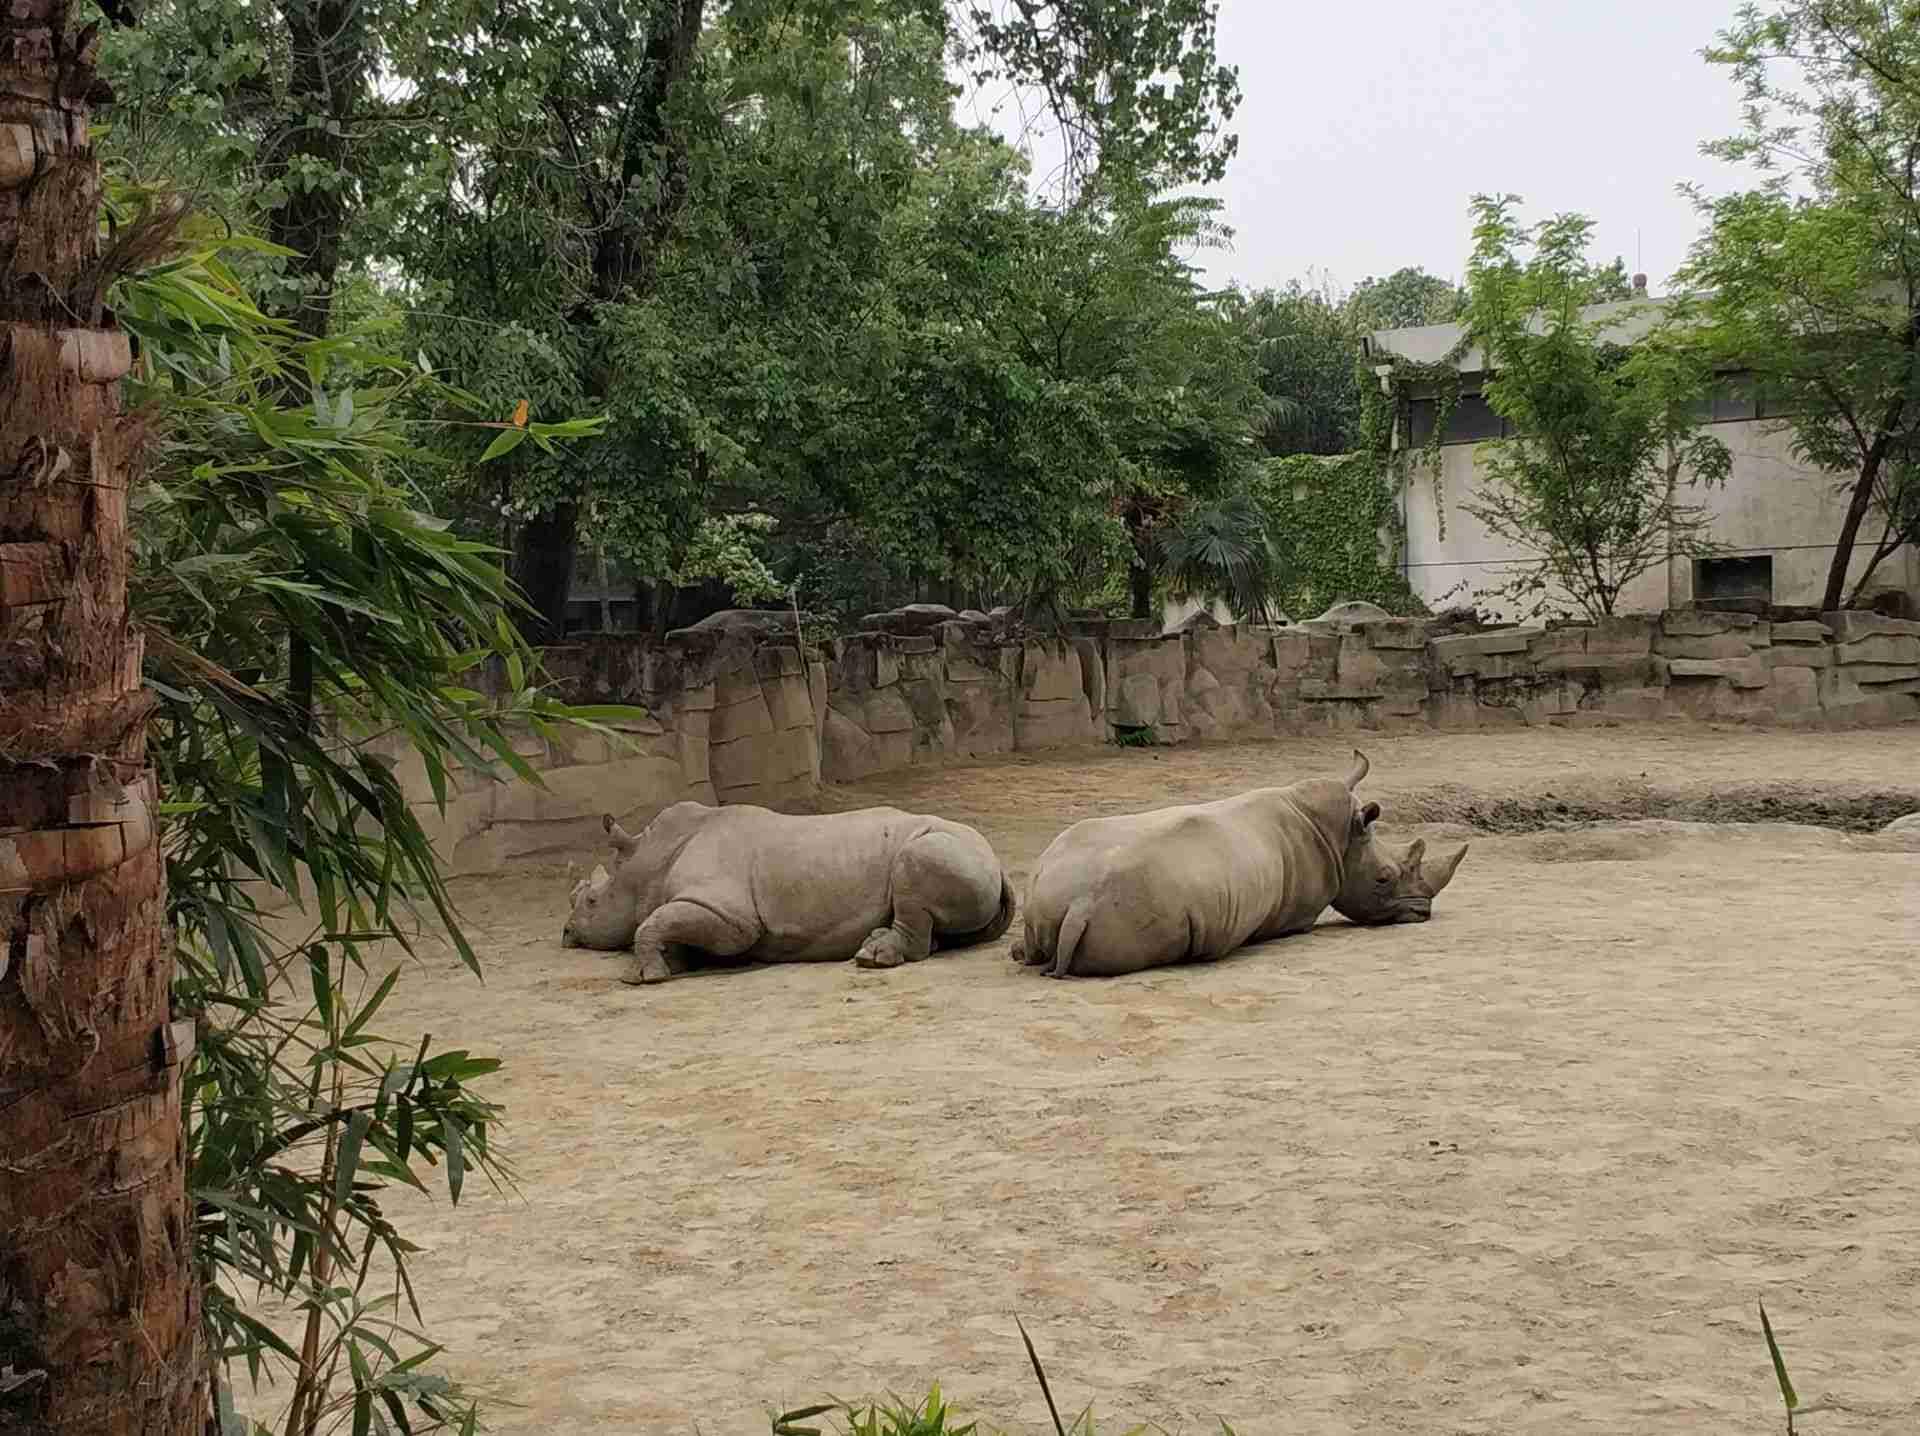 成都动物园附近招聘_【携程攻略】成都成都动物园景点,哈哈哈,26岁的人第一次去动物园